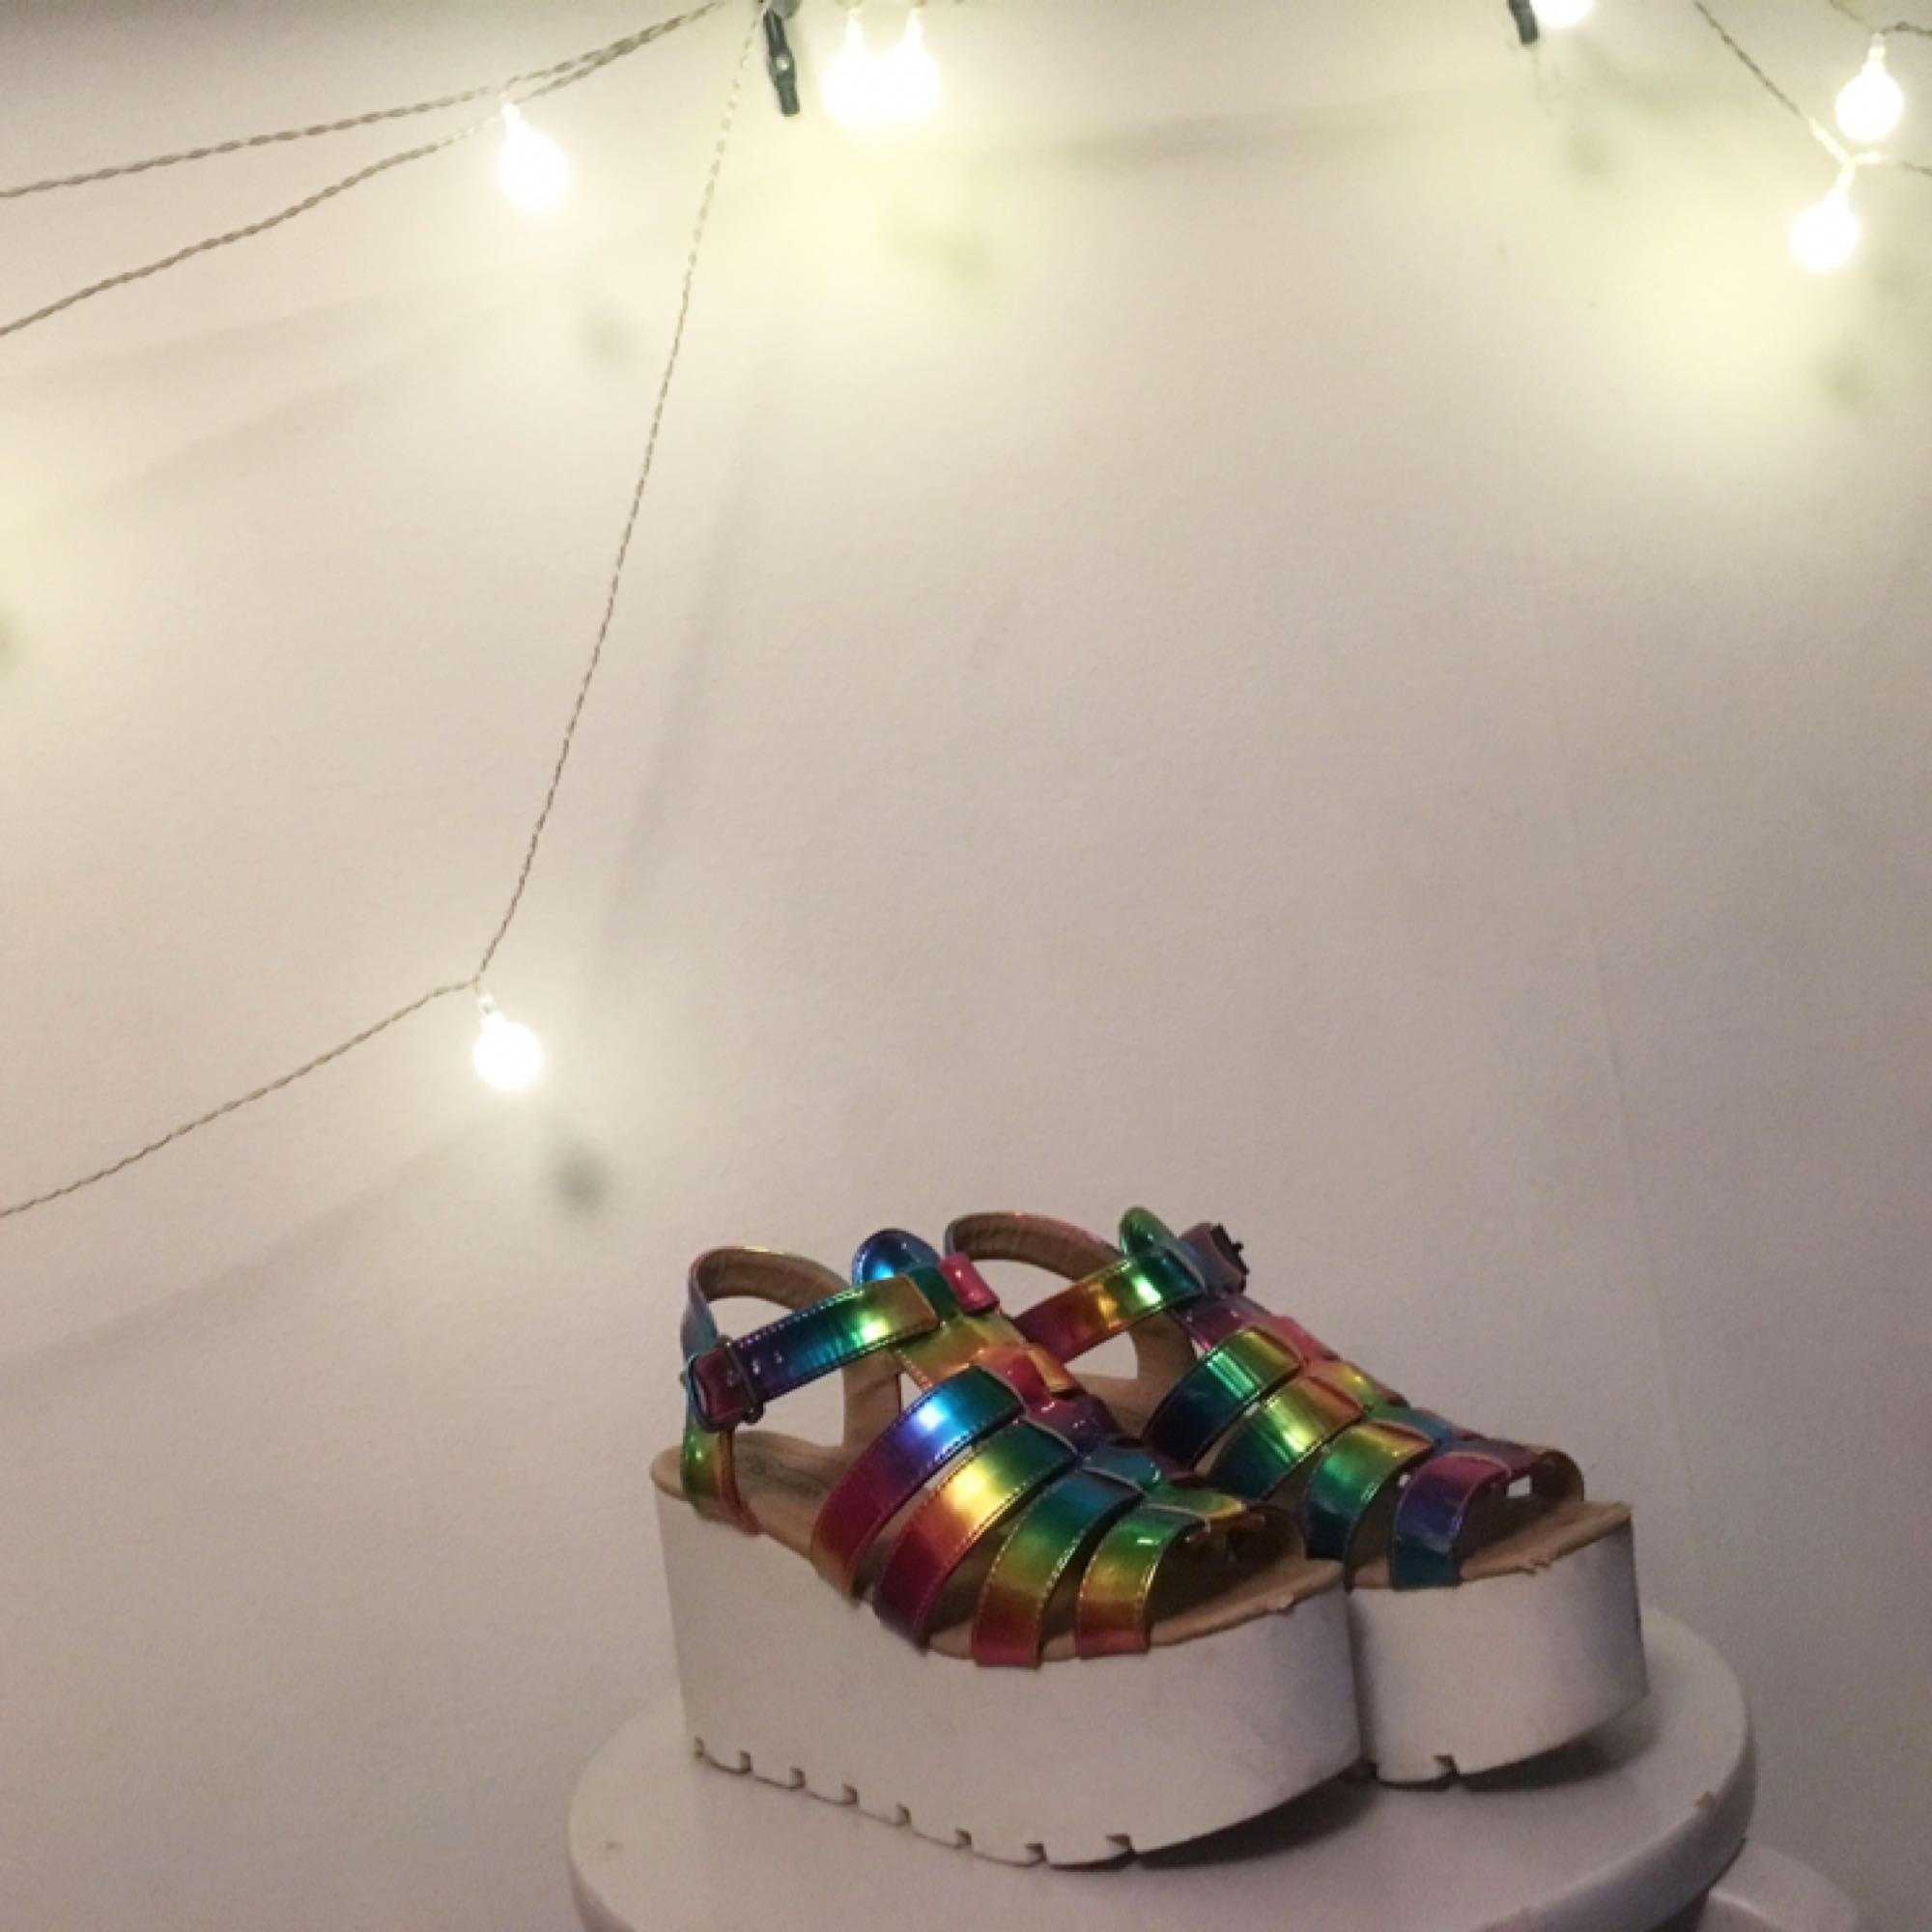 Urrrrrcoolaaaa sandalskor !!! Asså TITTA på dem :'''''') på ena skon finns en liten fläck som ej går bort (som en ser på andra bilden) men det ärverkligen ingenting en bryr sig om när en har dessa gudagåvor på sig 🌺  . Skor.